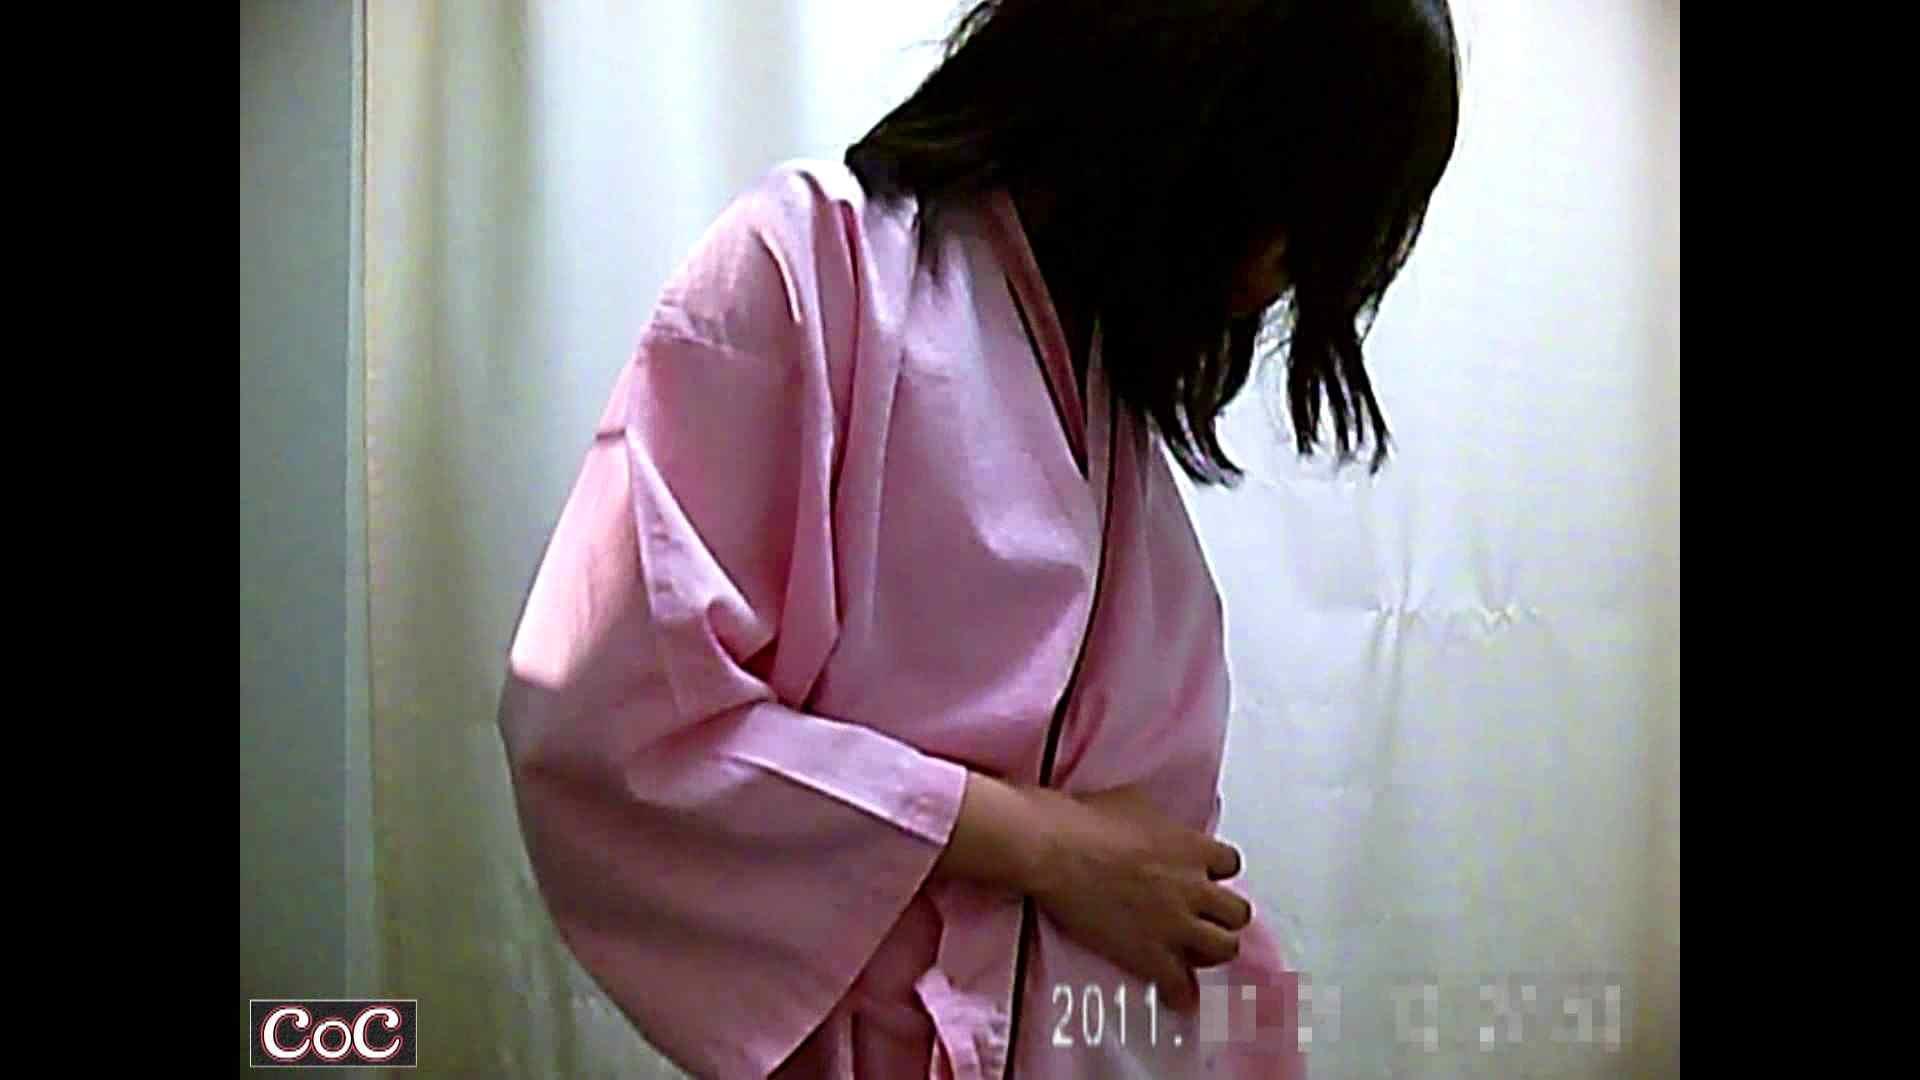 病院おもいっきり着替え! vol.04 乳首 エロ画像 107pic 81